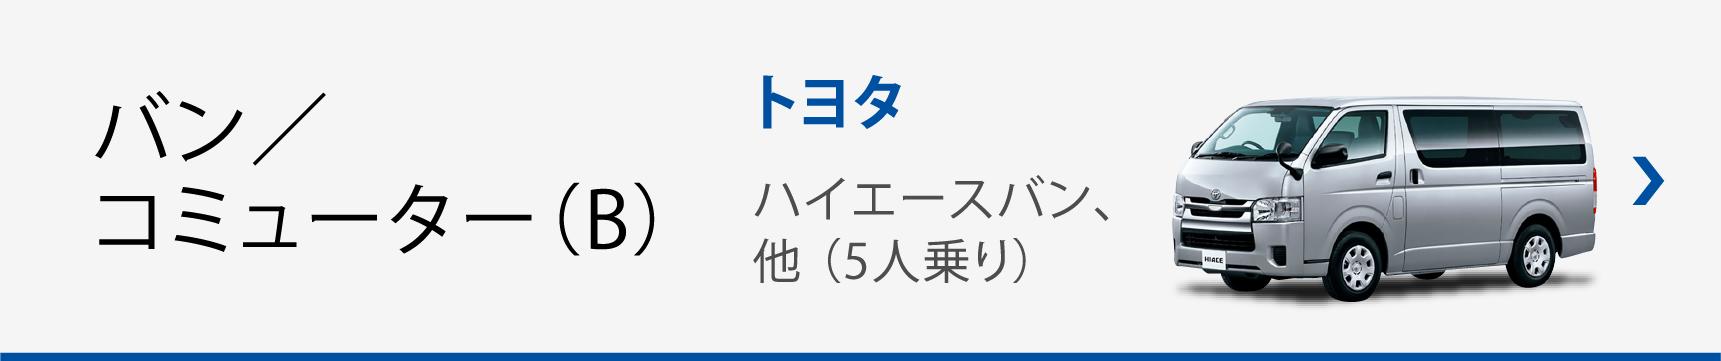 バン/コミューター(B)